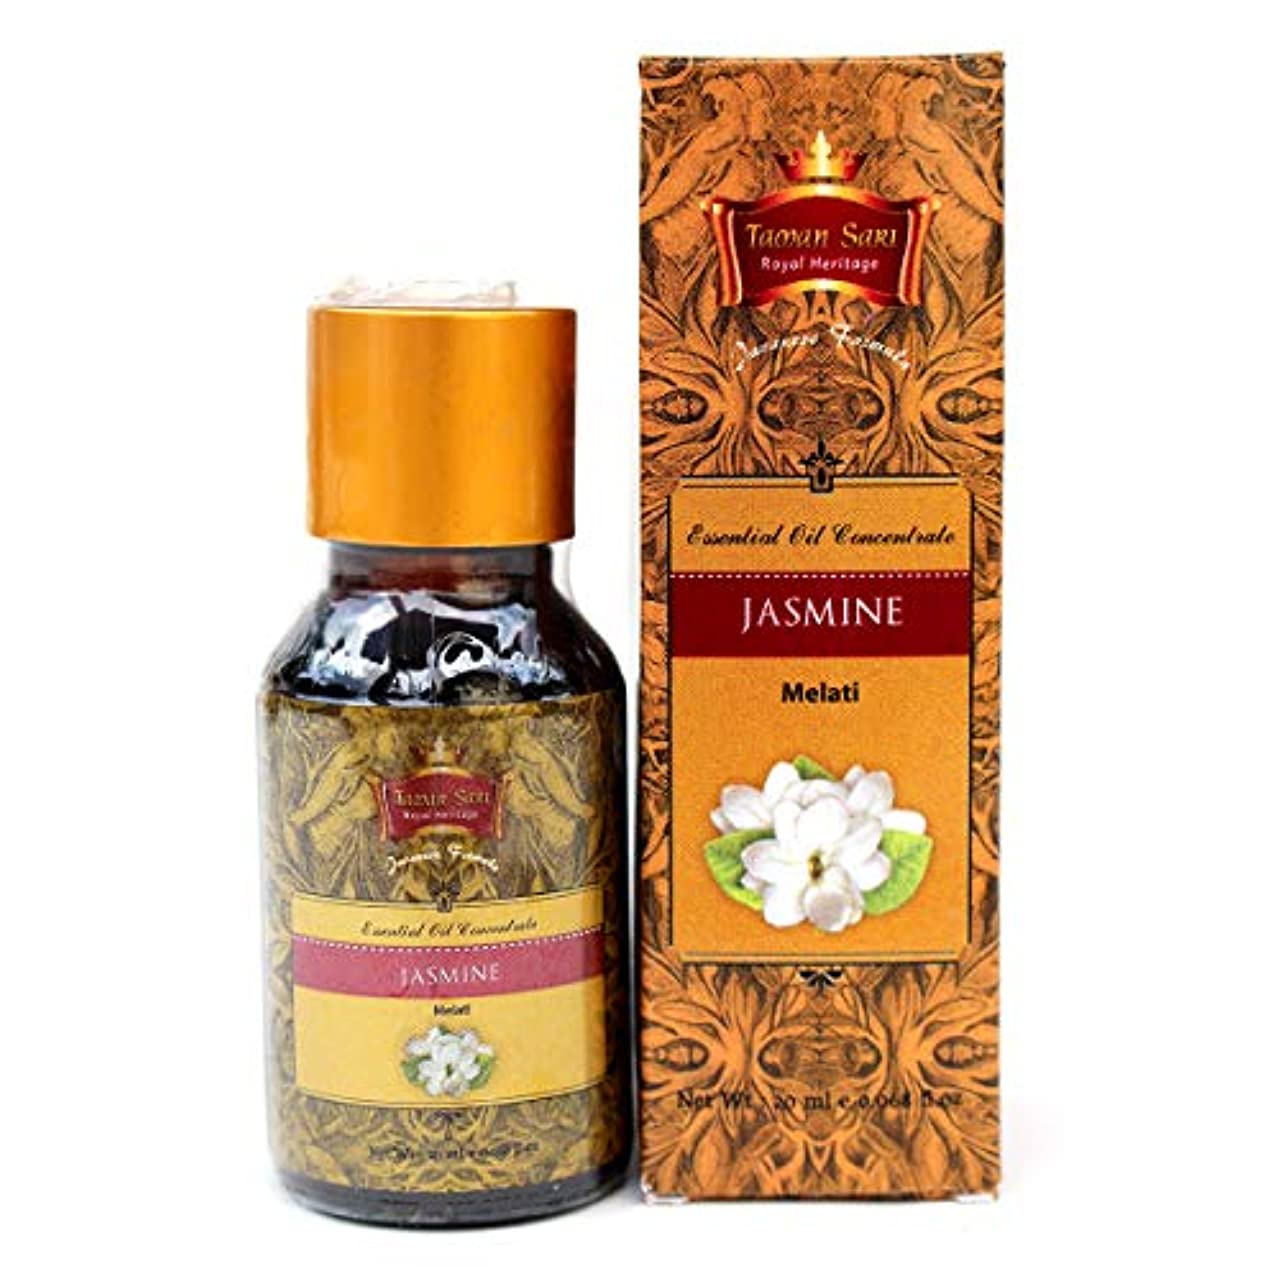 加速する姿を消す百科事典Taman Sari タマンサリ エッセンシャルオイル ムスティカラトゥ高級スパブランド Jasmine ジャスミン 20ml